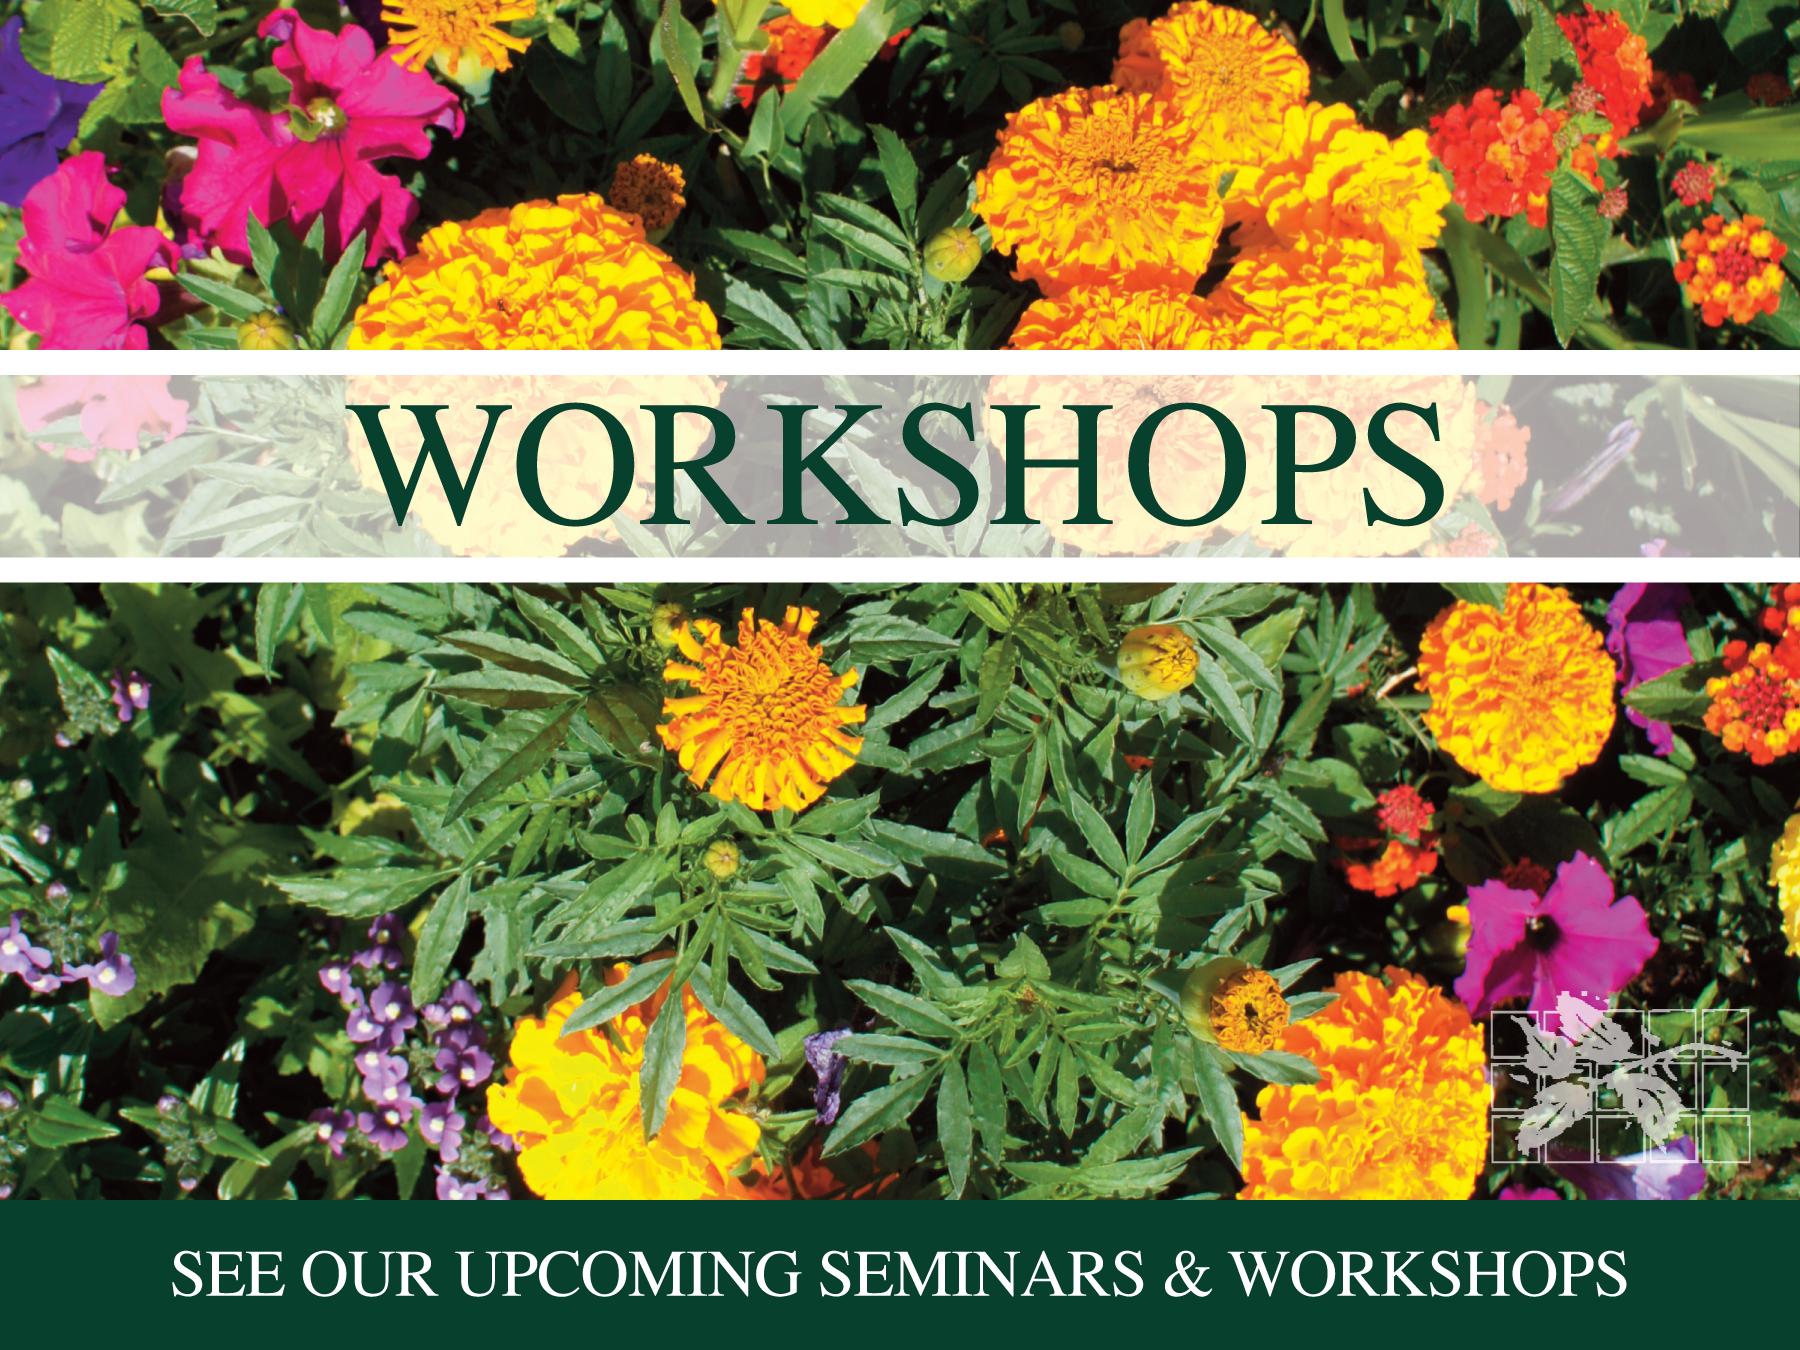 Upcoming workshops...